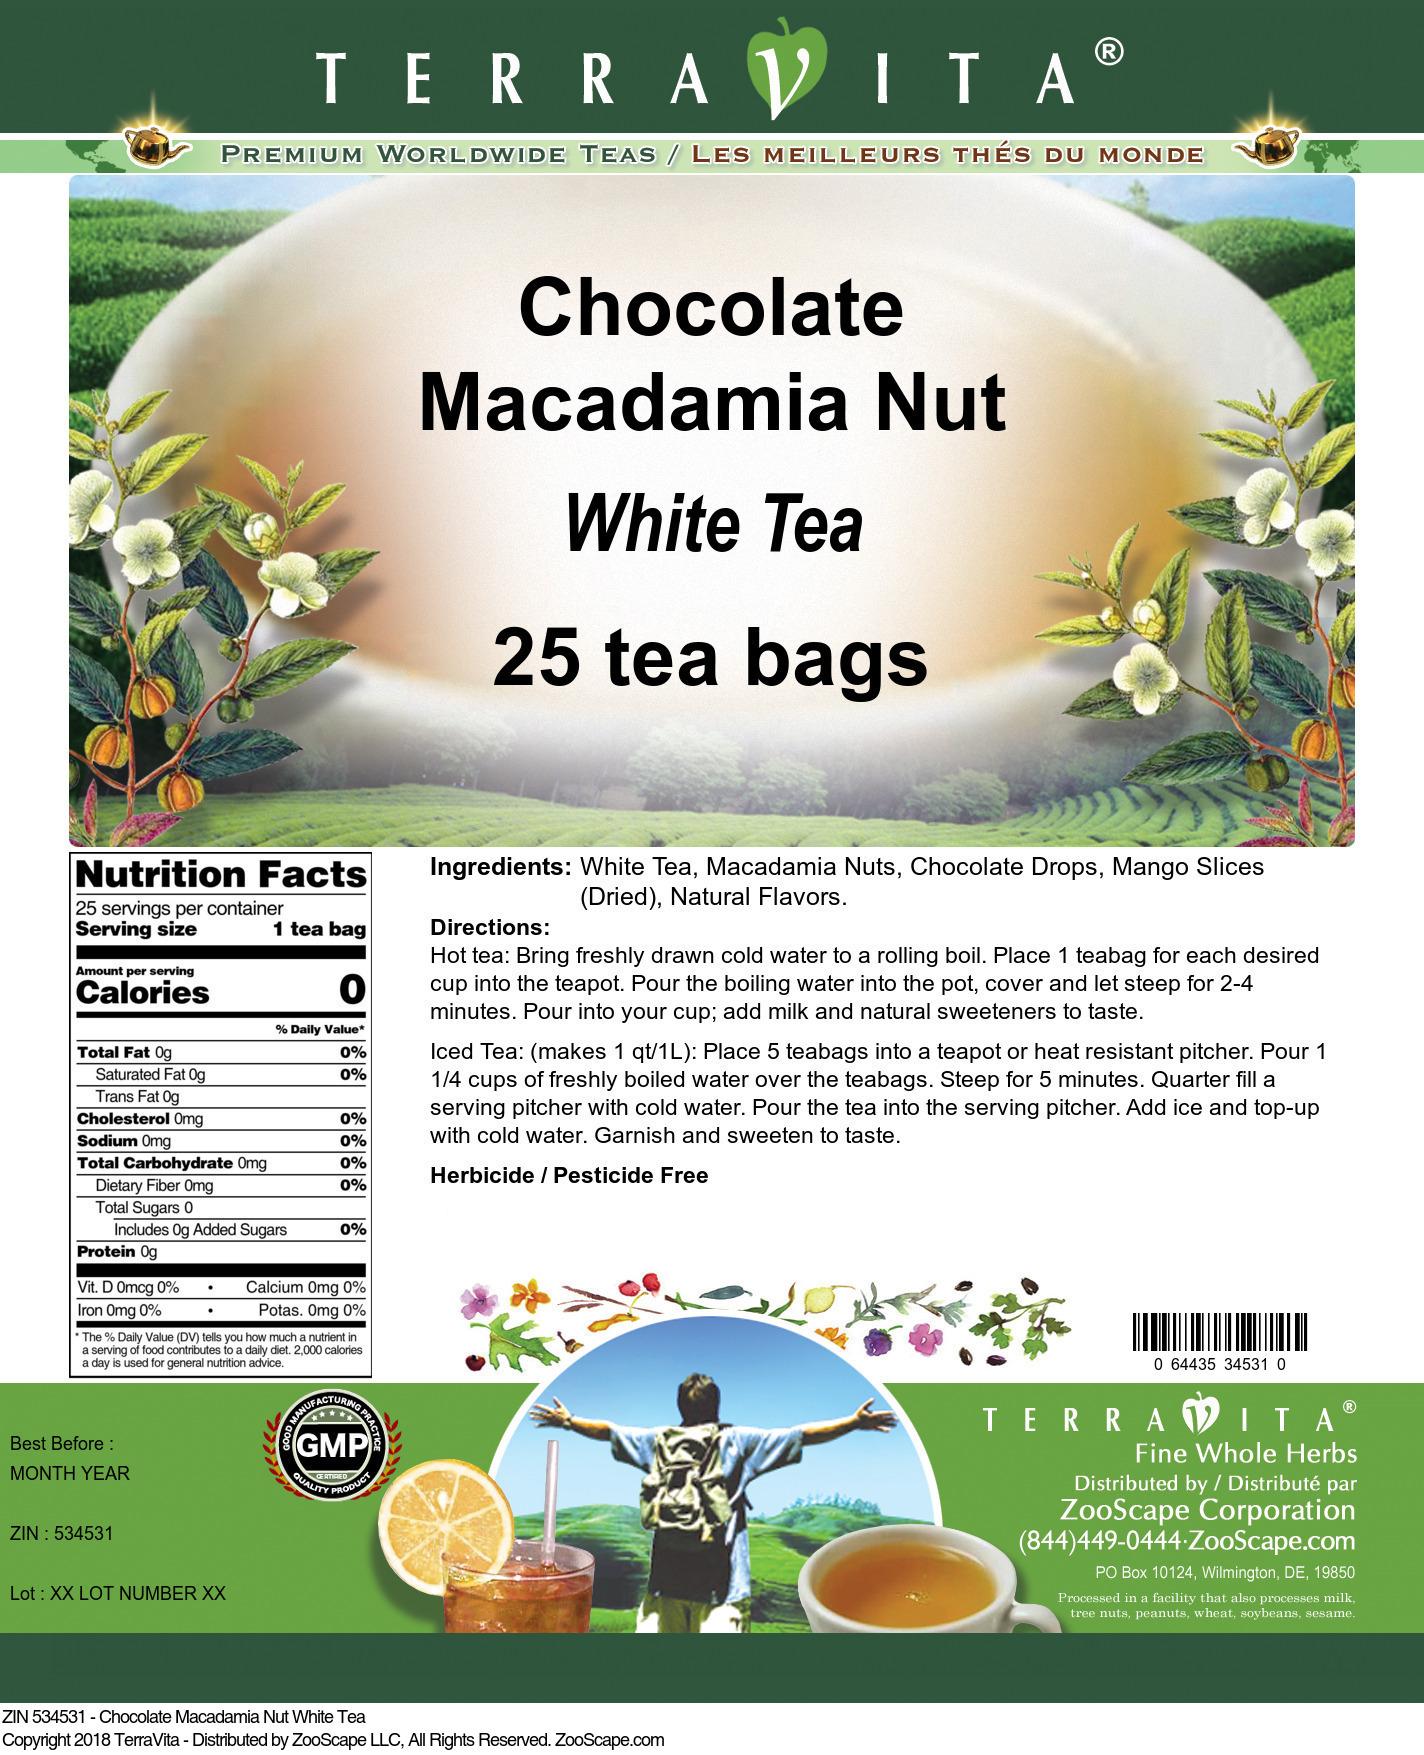 Chocolate Macadamia Nut White Tea